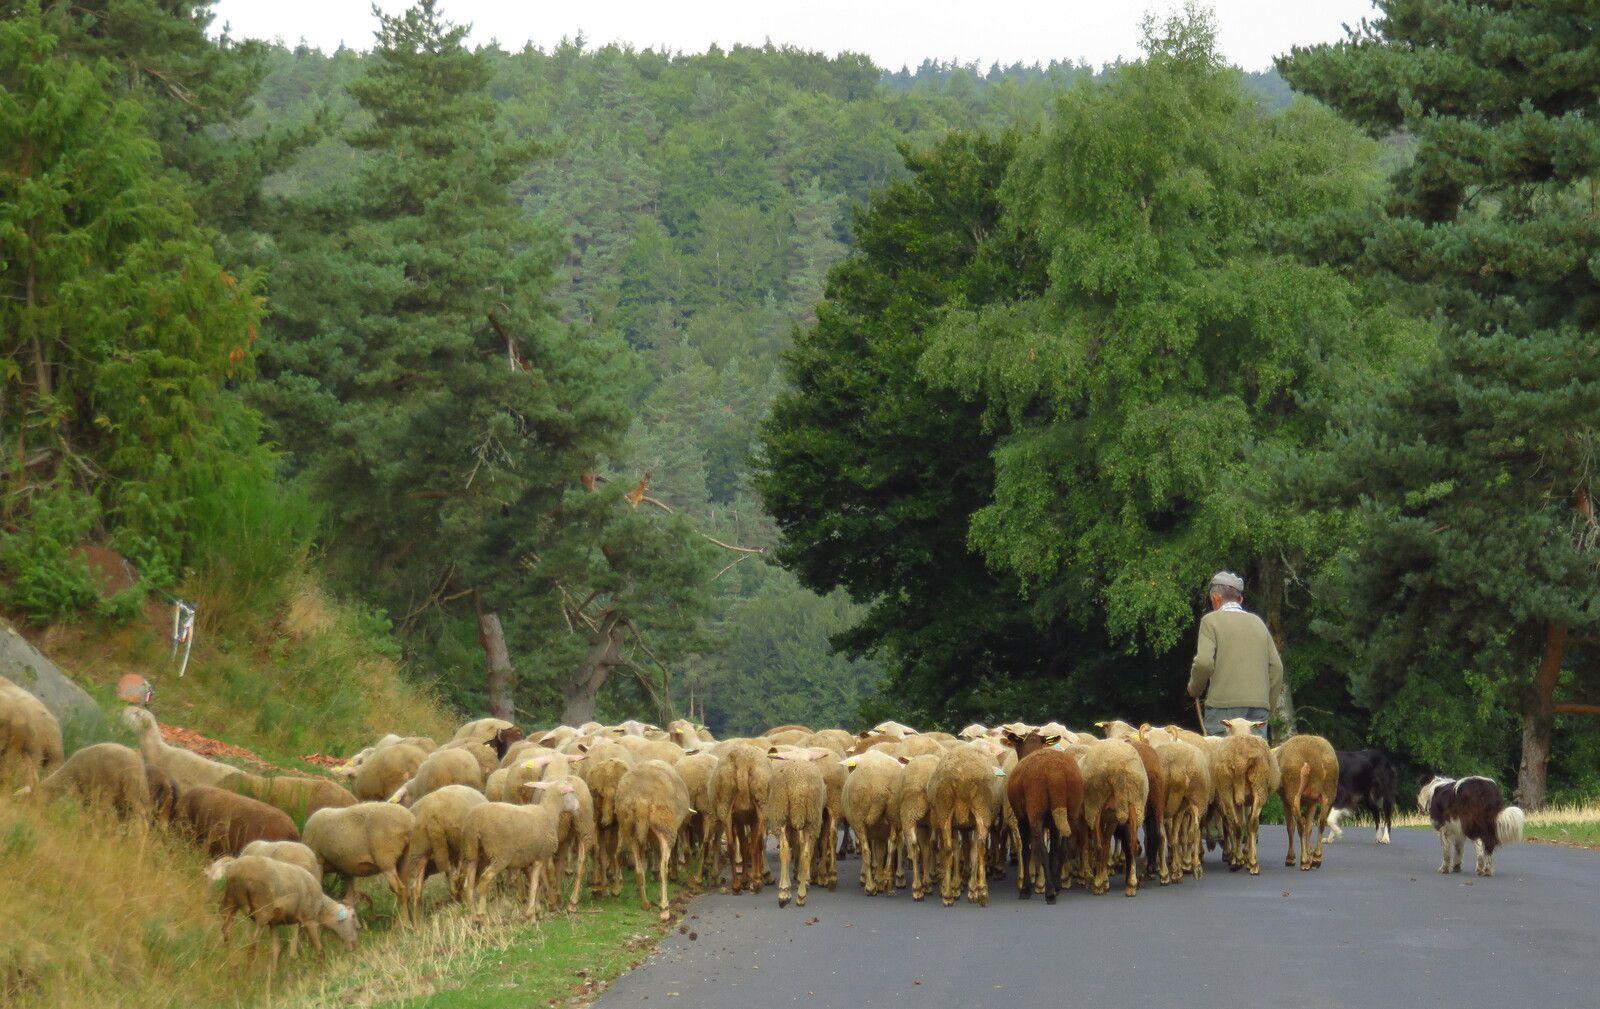 Un berger et ses moutons © Joël Tribhout